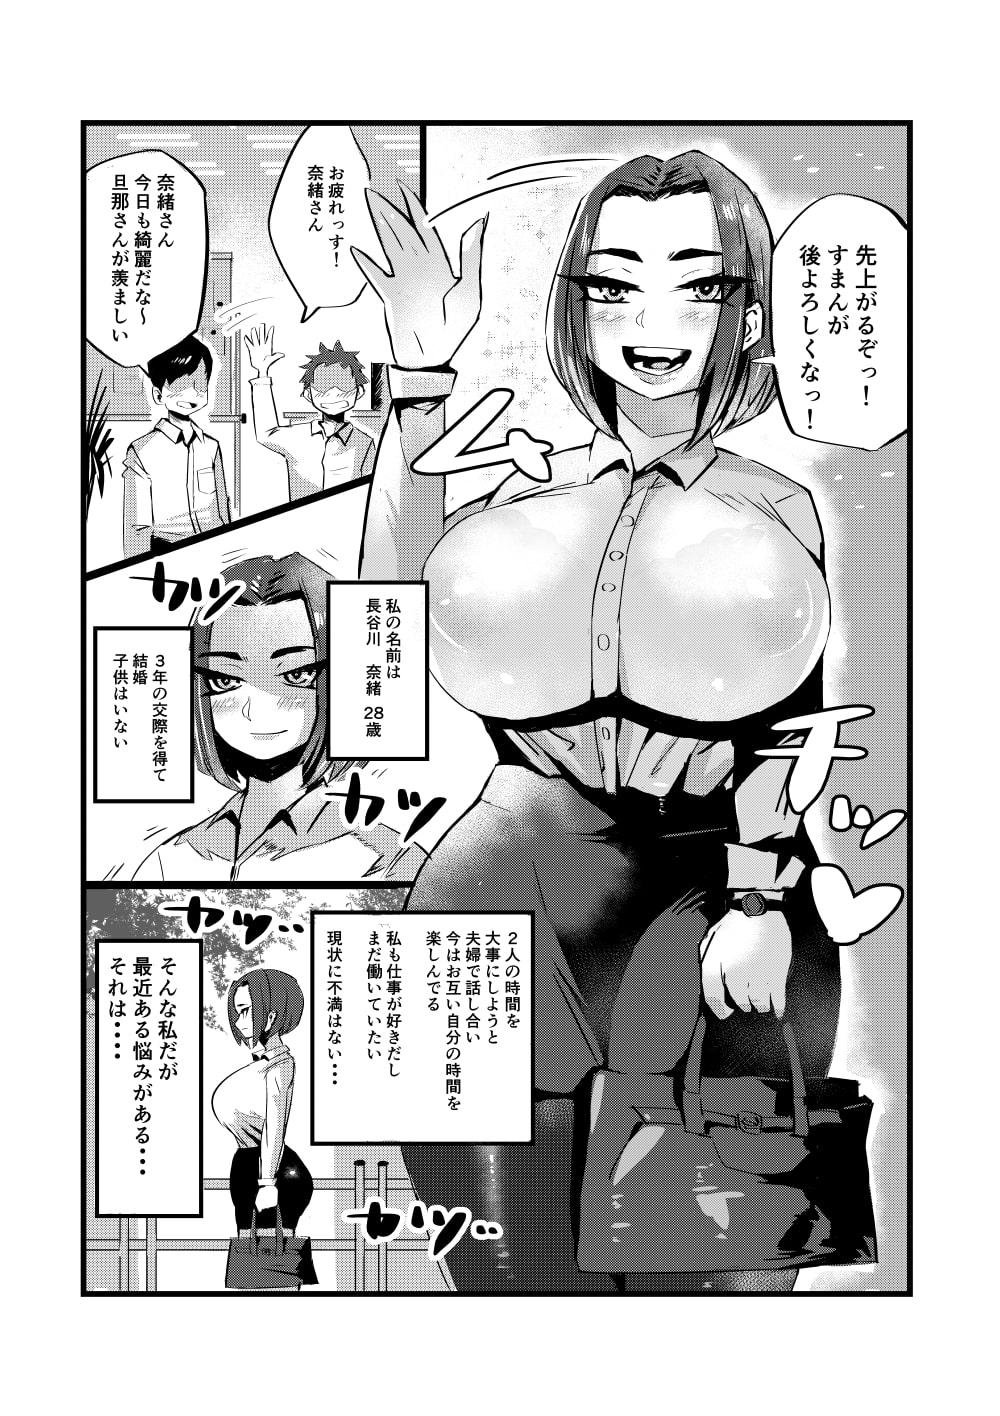 奈緒さん(28)人妻のお悩み